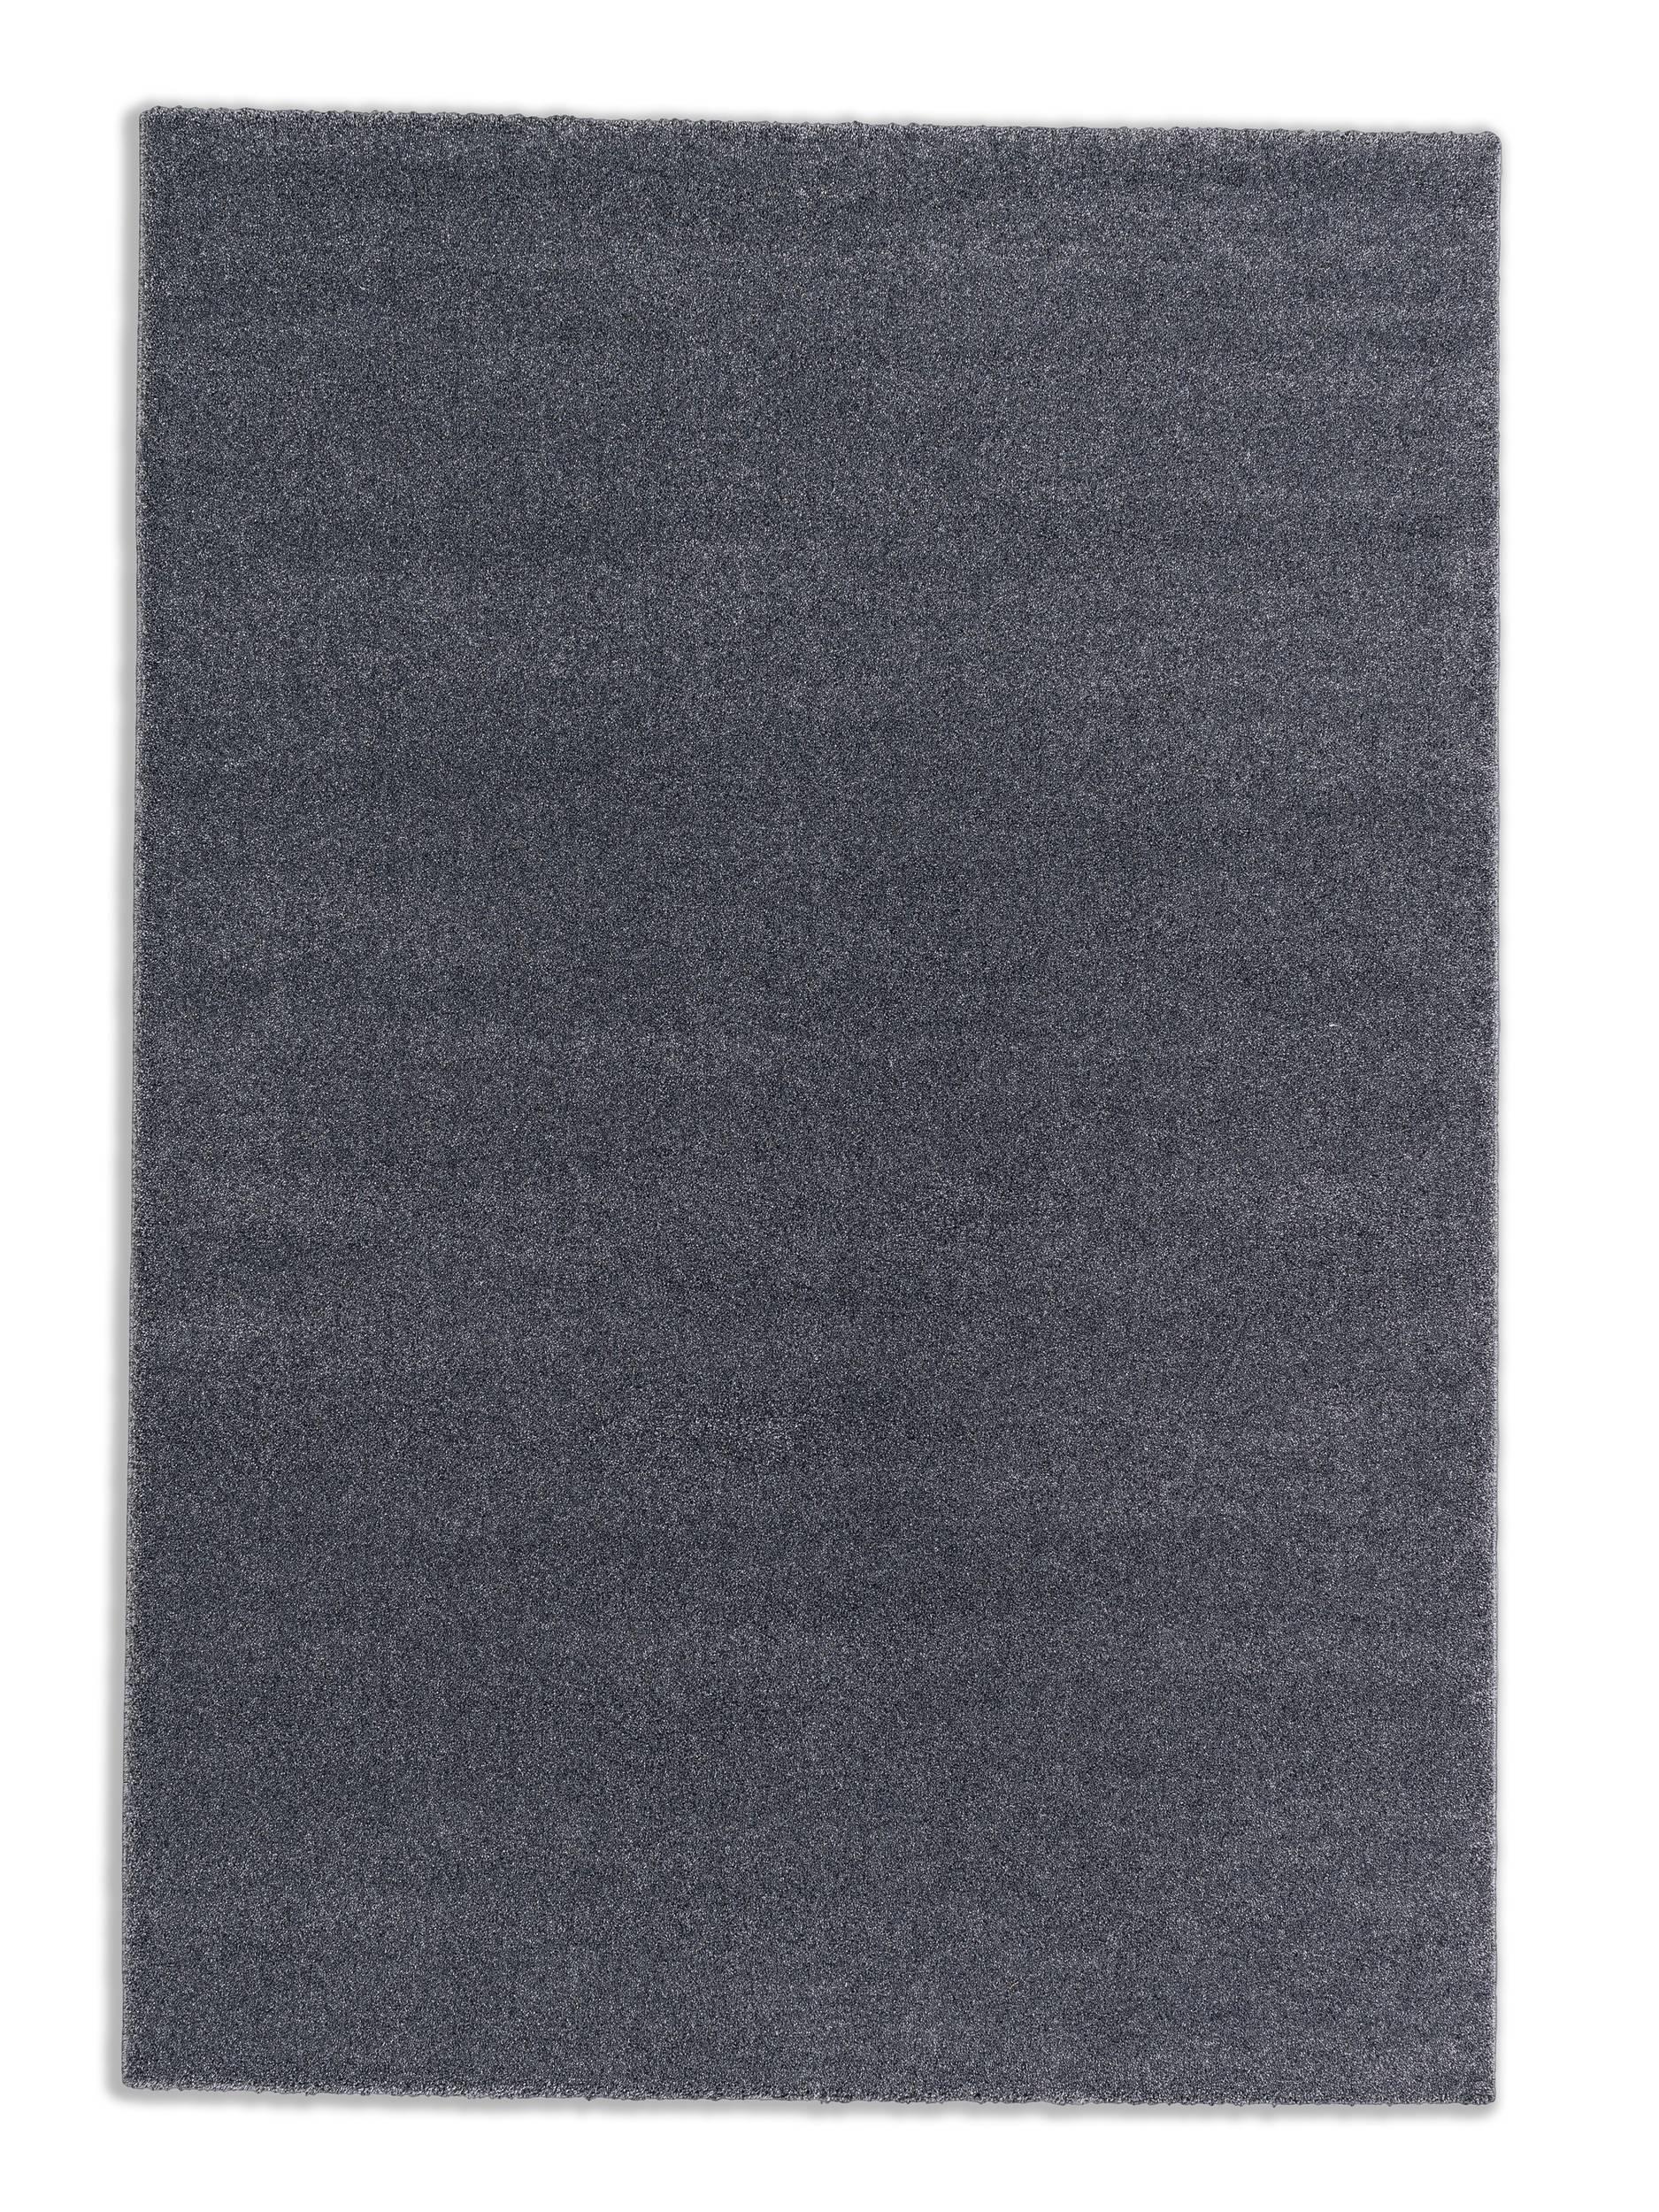 Teppich 80x150cm sw wm  PURE